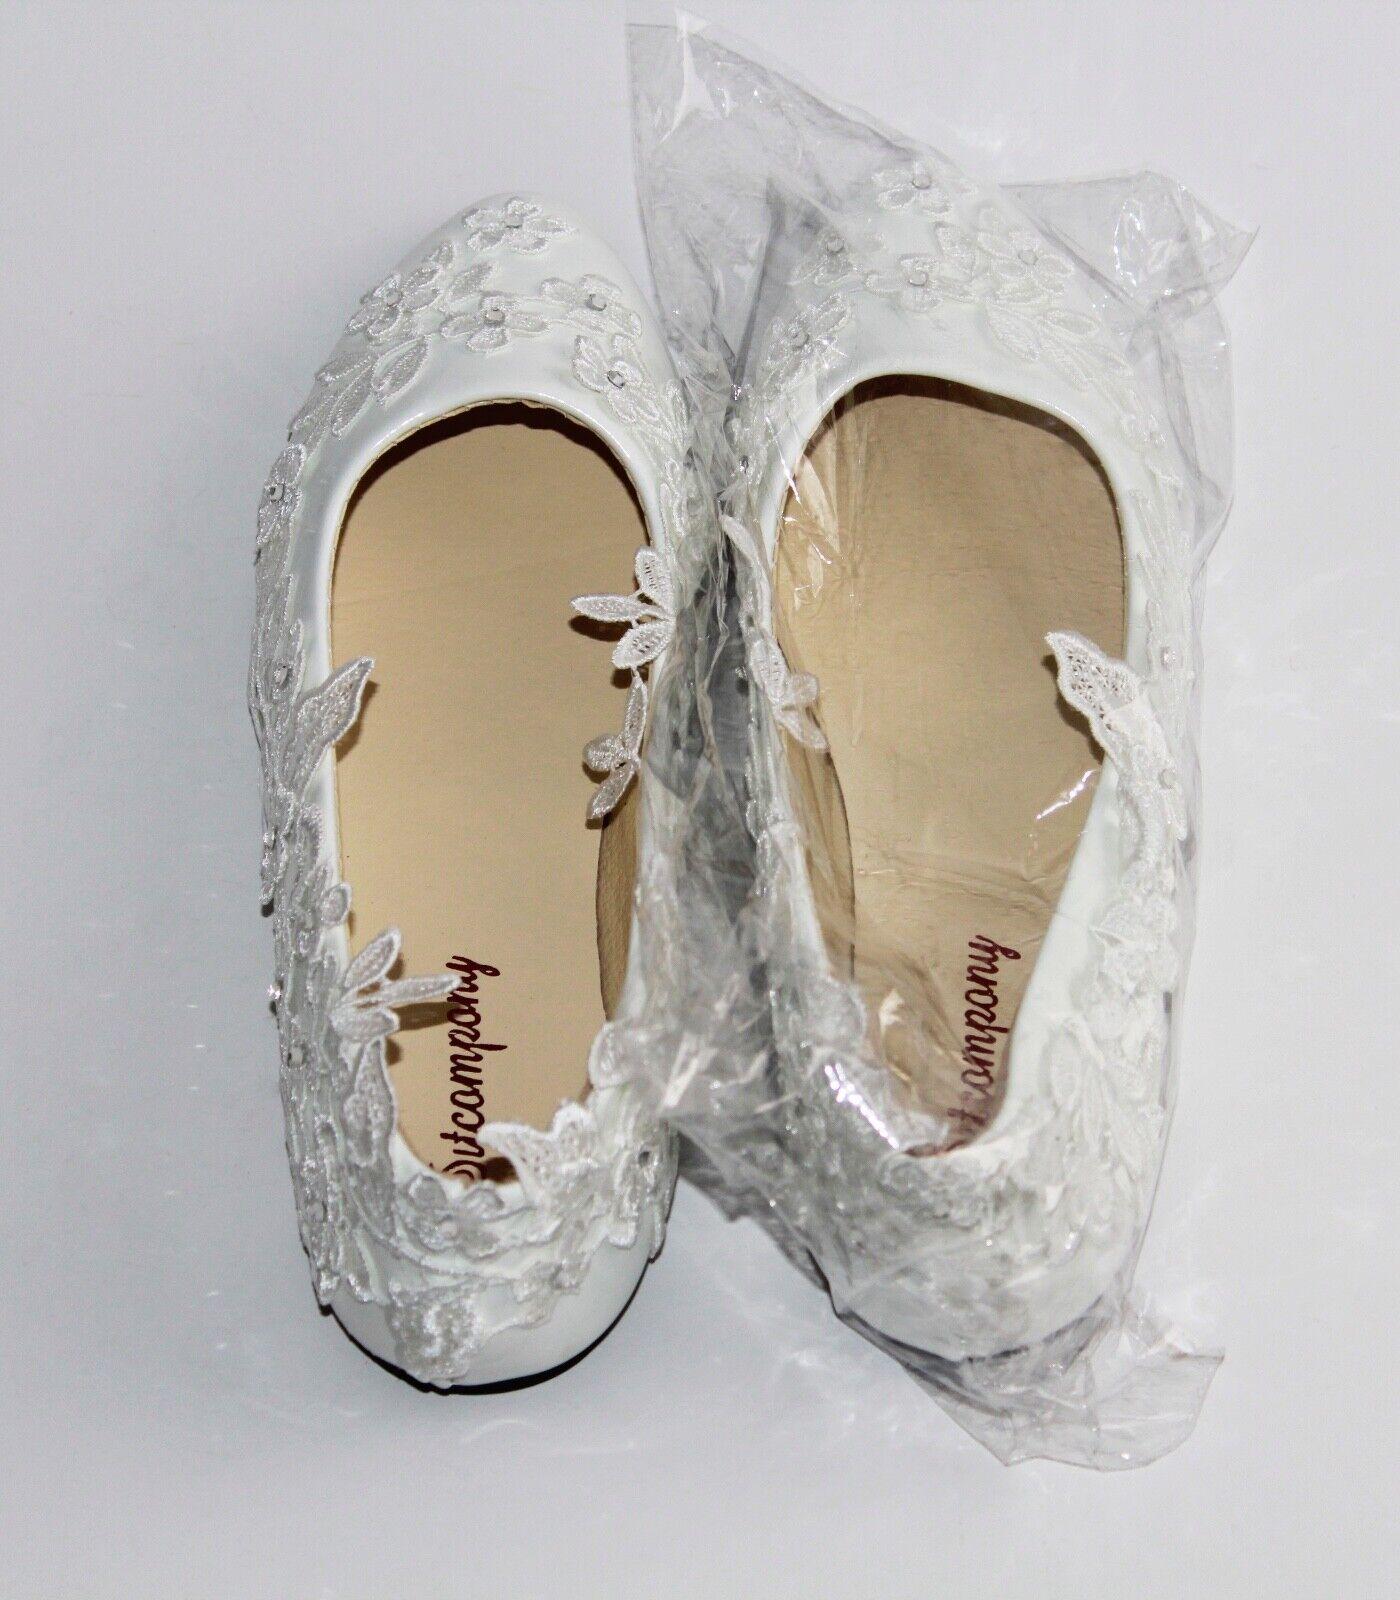 Wedding Bride bridal shoes White Lace Size 5 UK Flat Beach Summer Holiday Retro